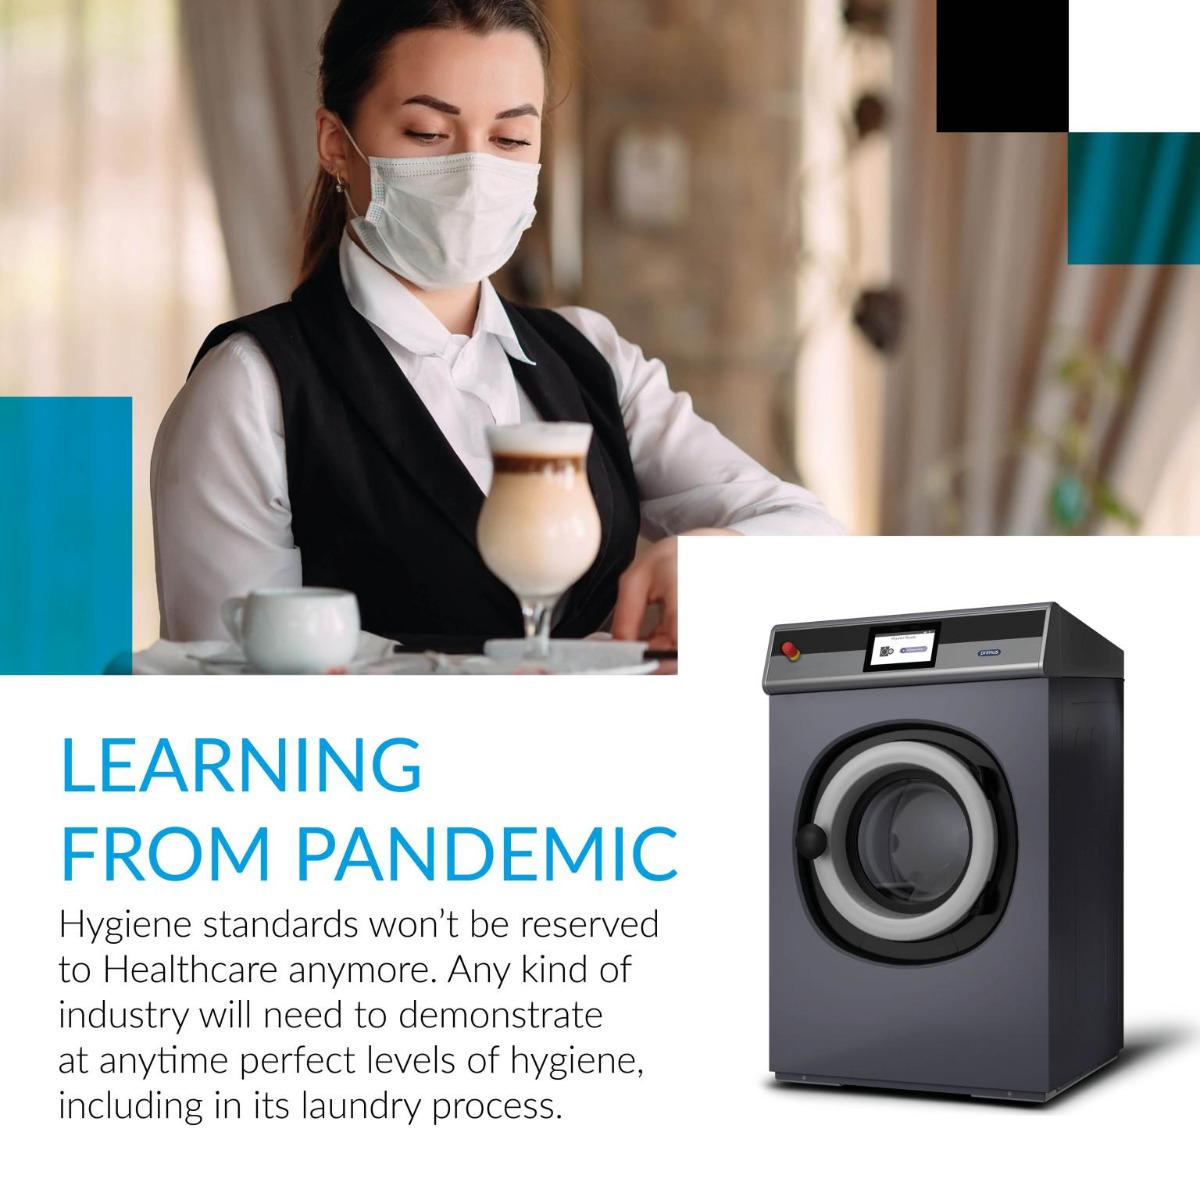 Qué hemos aprendido sobre la lavandería industrial del futuro gracias a la pandemia